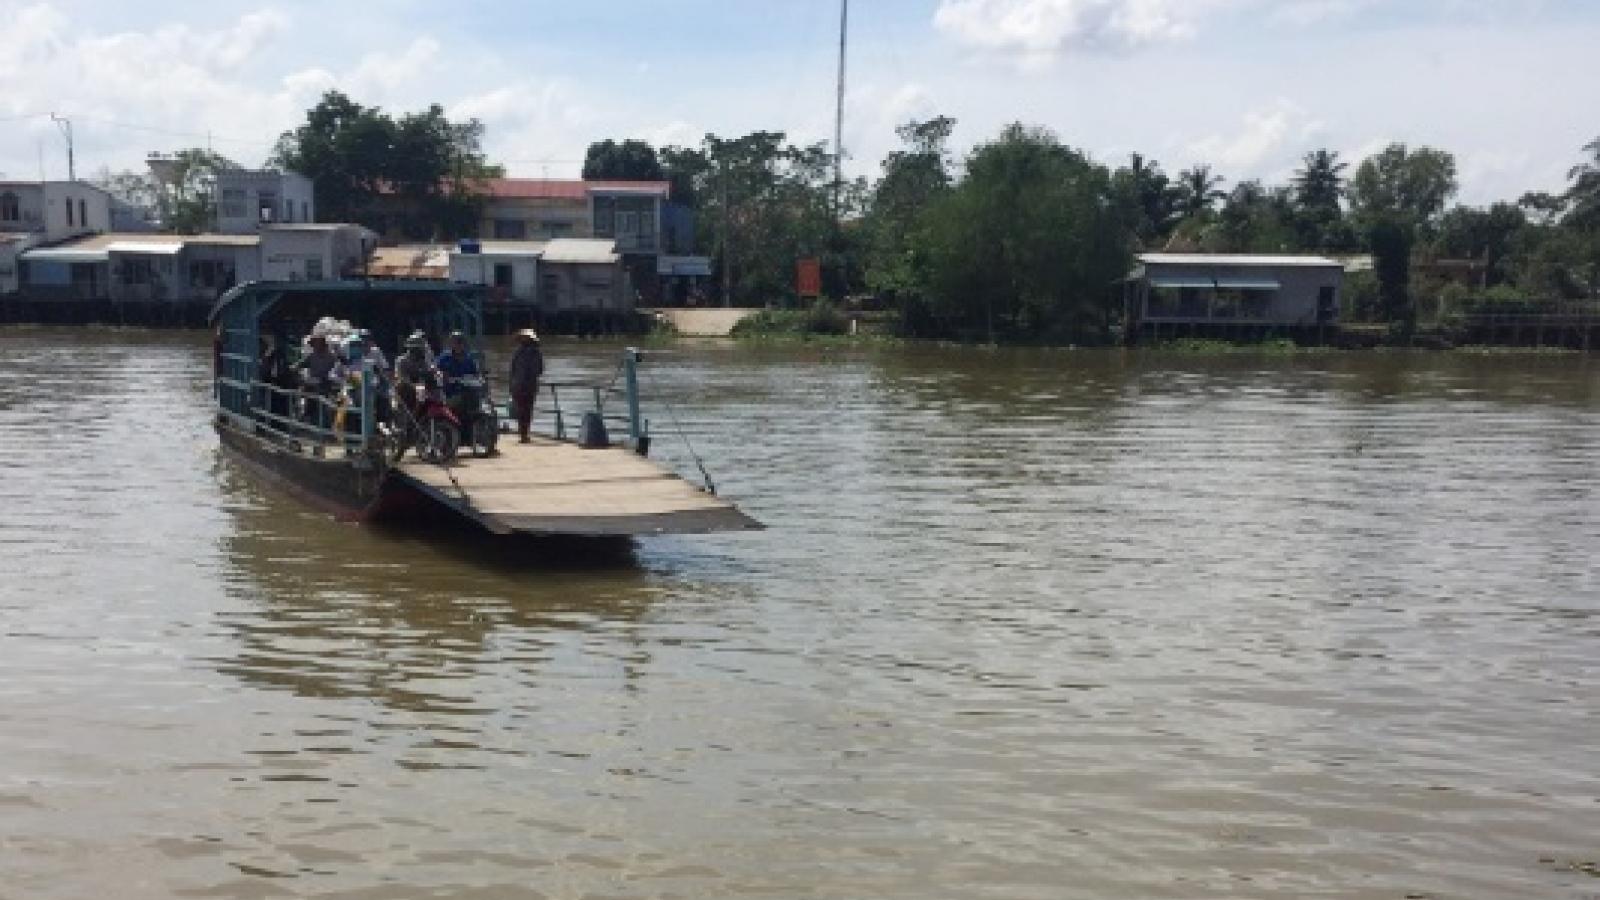 5 thanh niên nhảy xuống sông khi bị đuổi đánh, 2 người tử vong